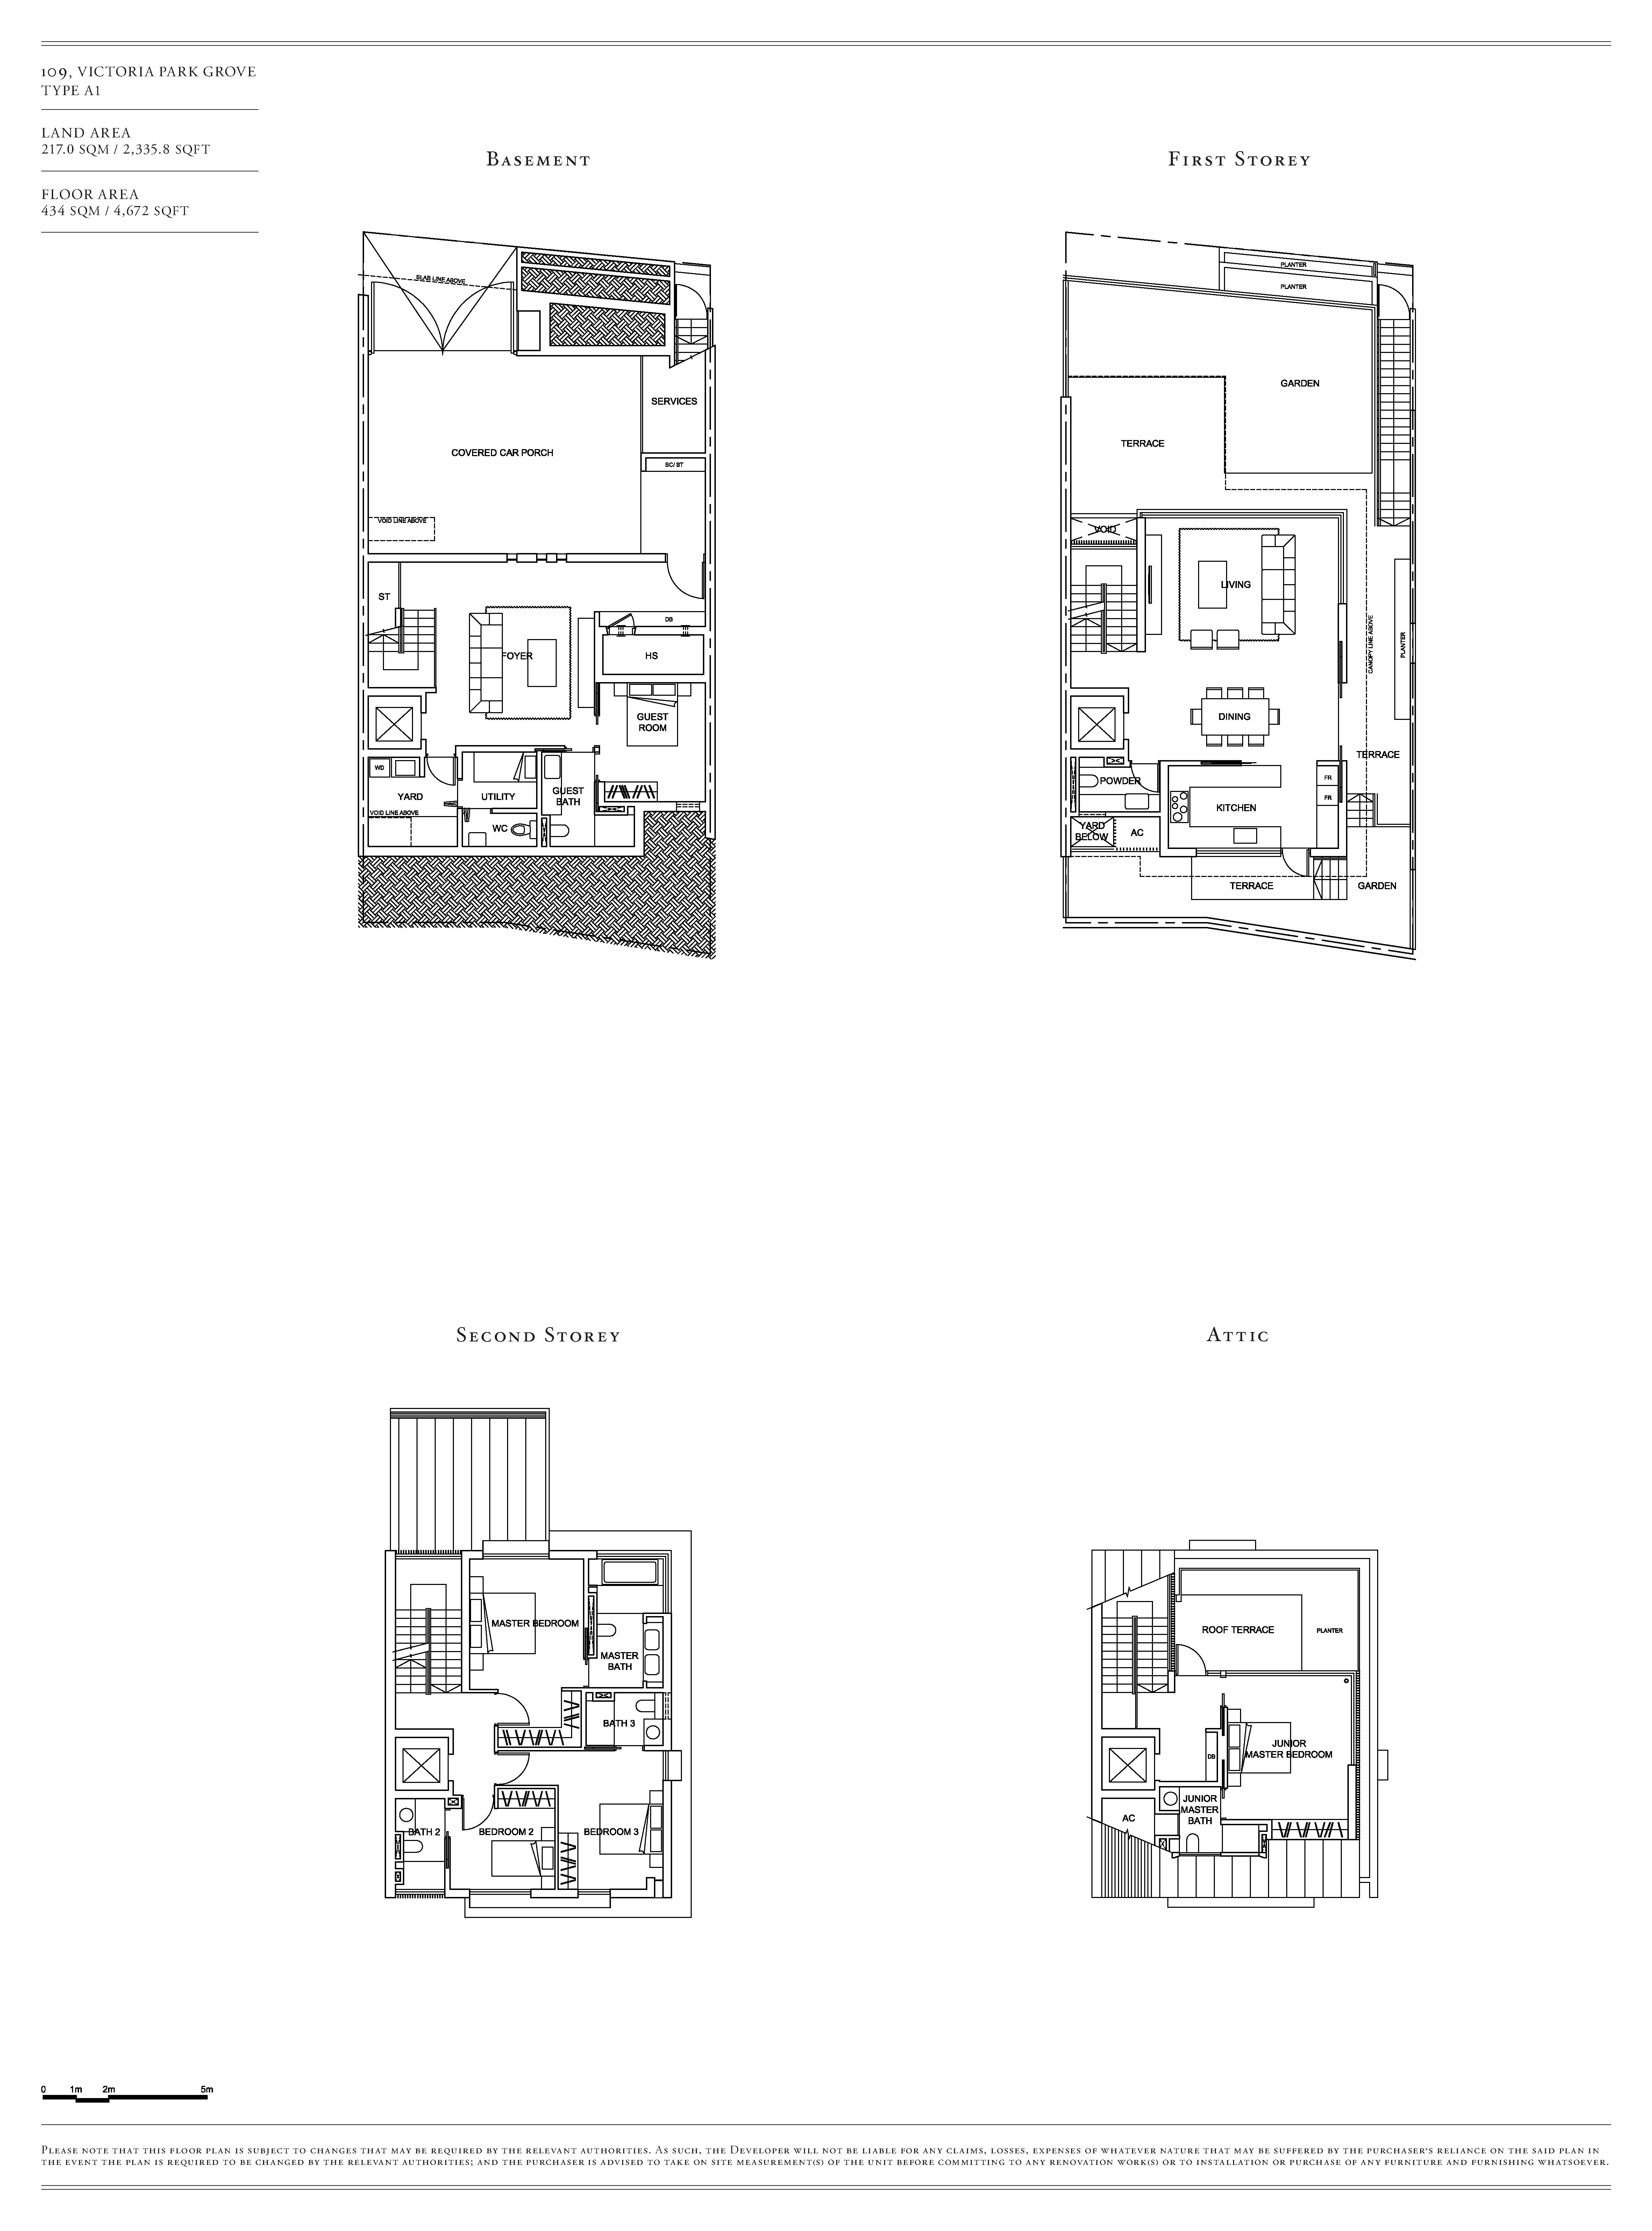 Victoria Park Villas House 109 Type A1 Floor Plans